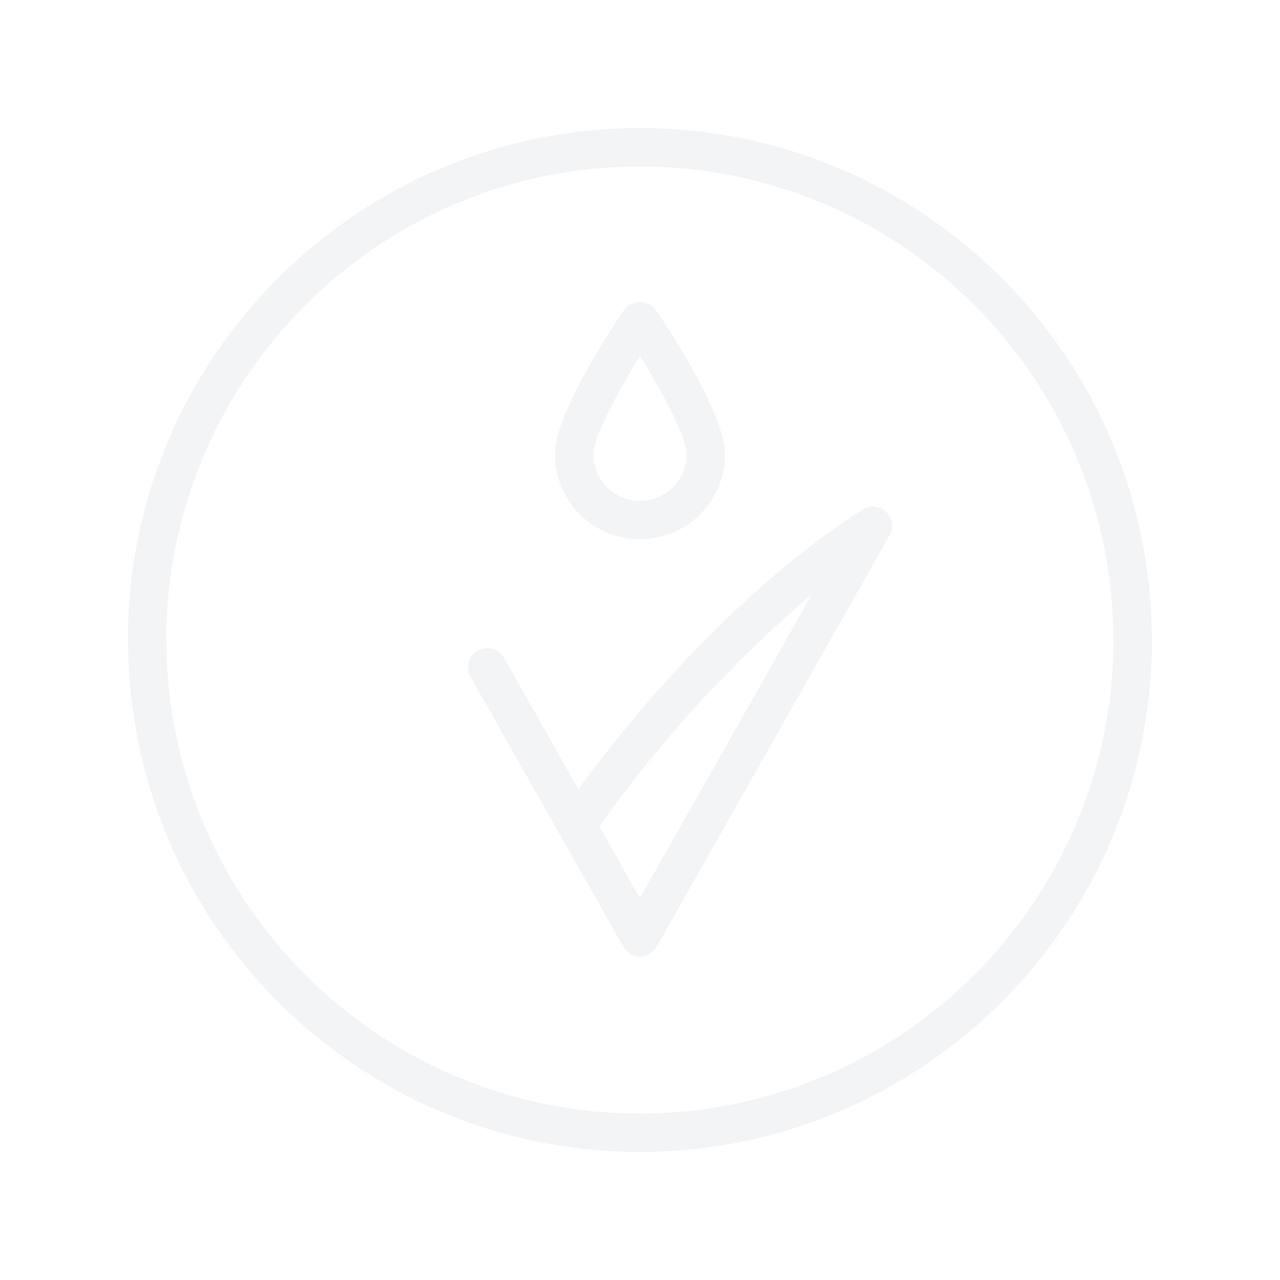 3db6439f27f JOIK ORGANIC Moisturising Nail & Cuticle Oil 10ml   LOVERTE